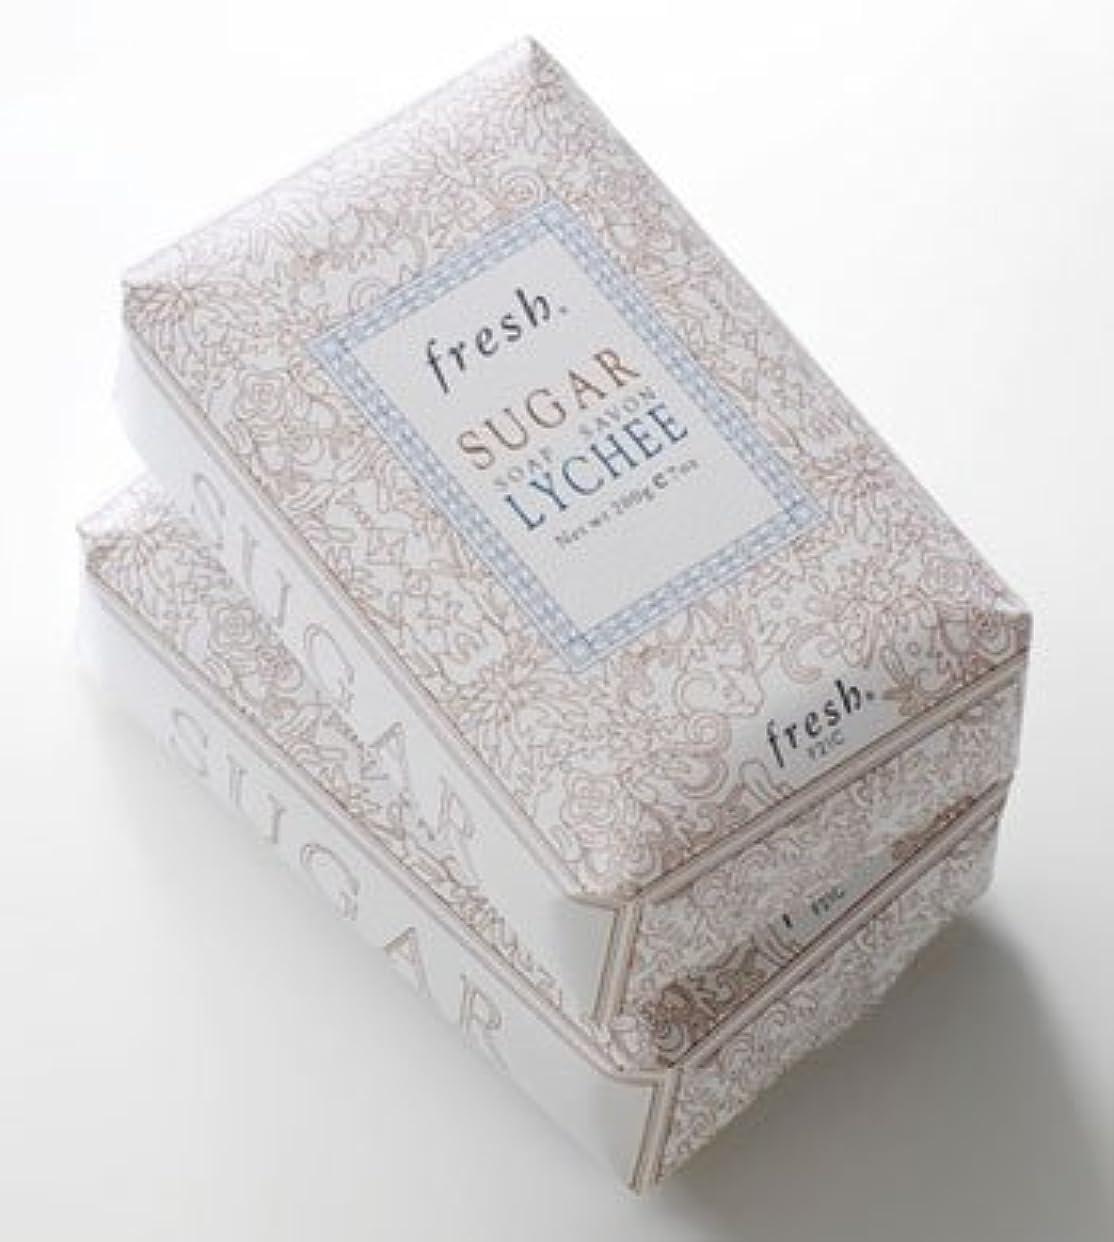 Fresh SUGAR LYCHEE SOAP(フレッシュ シュガーライチ ソープ) 7.0 oz (210g) by Fresh for Women